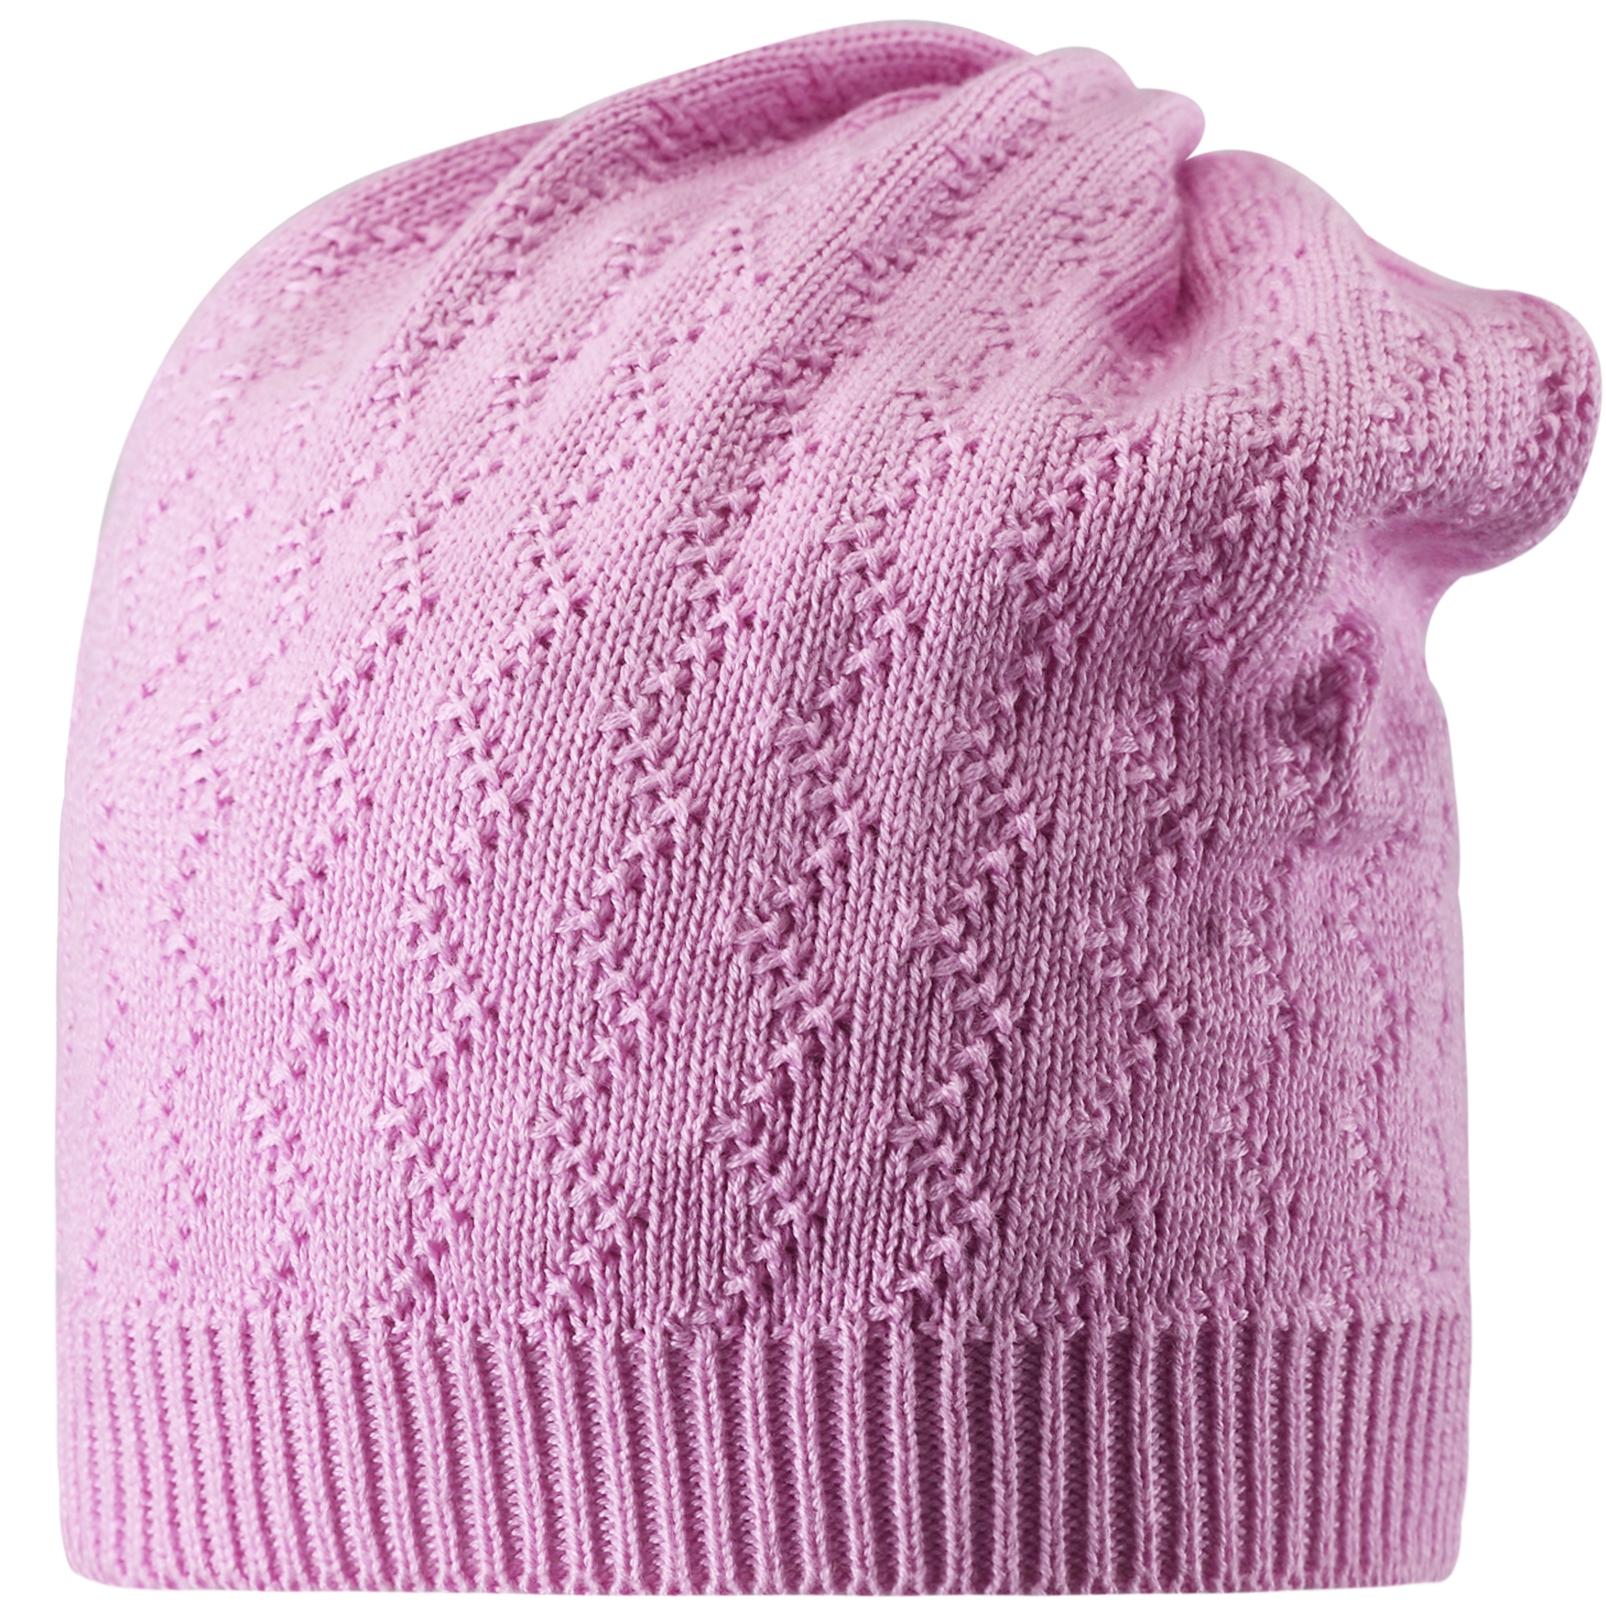 Головные уборы Reima Jaspilite розовый головные уборы reima aqueous розовый